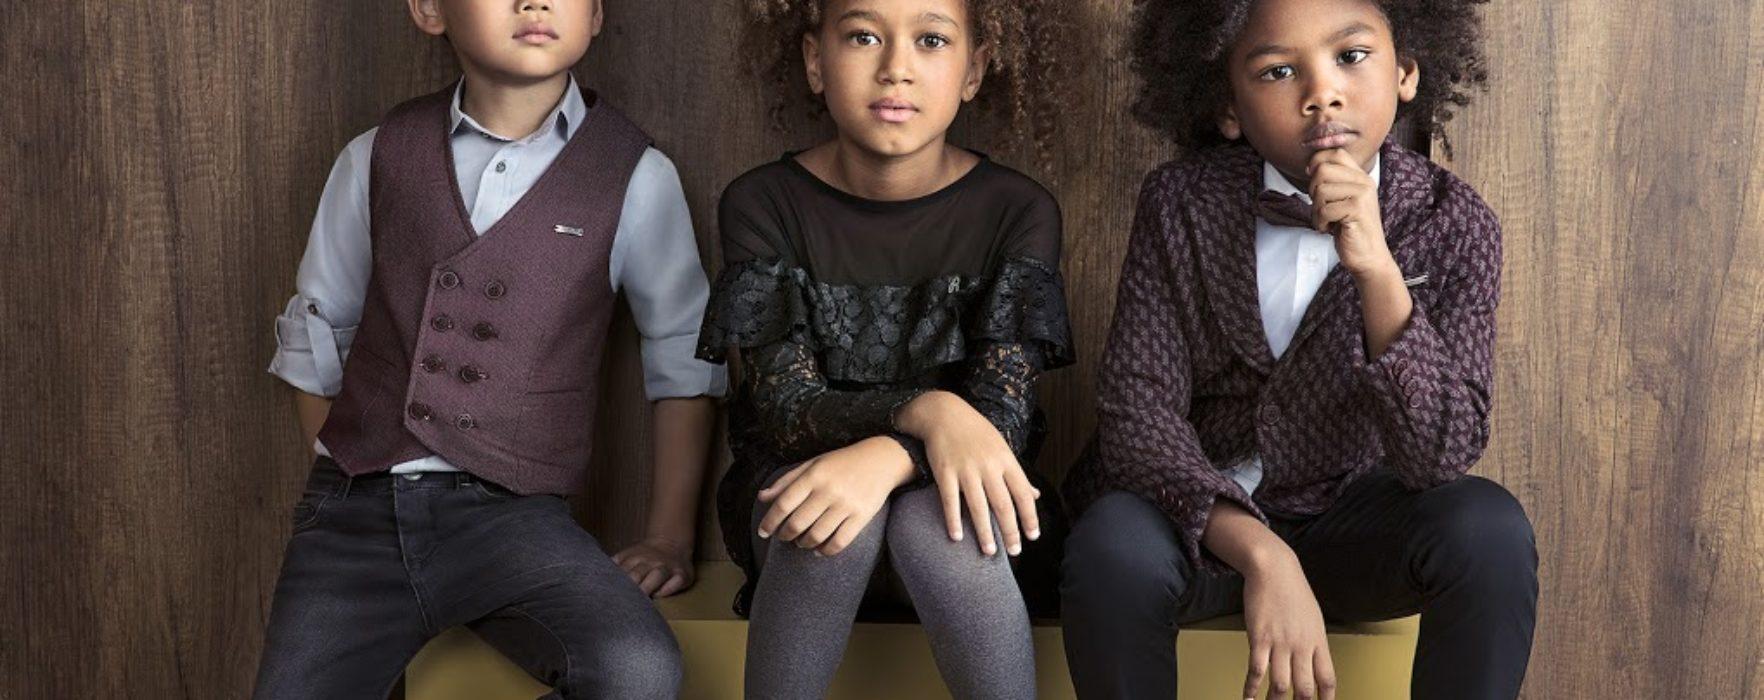 Kids develop a 'fashion sense' as young as age seven